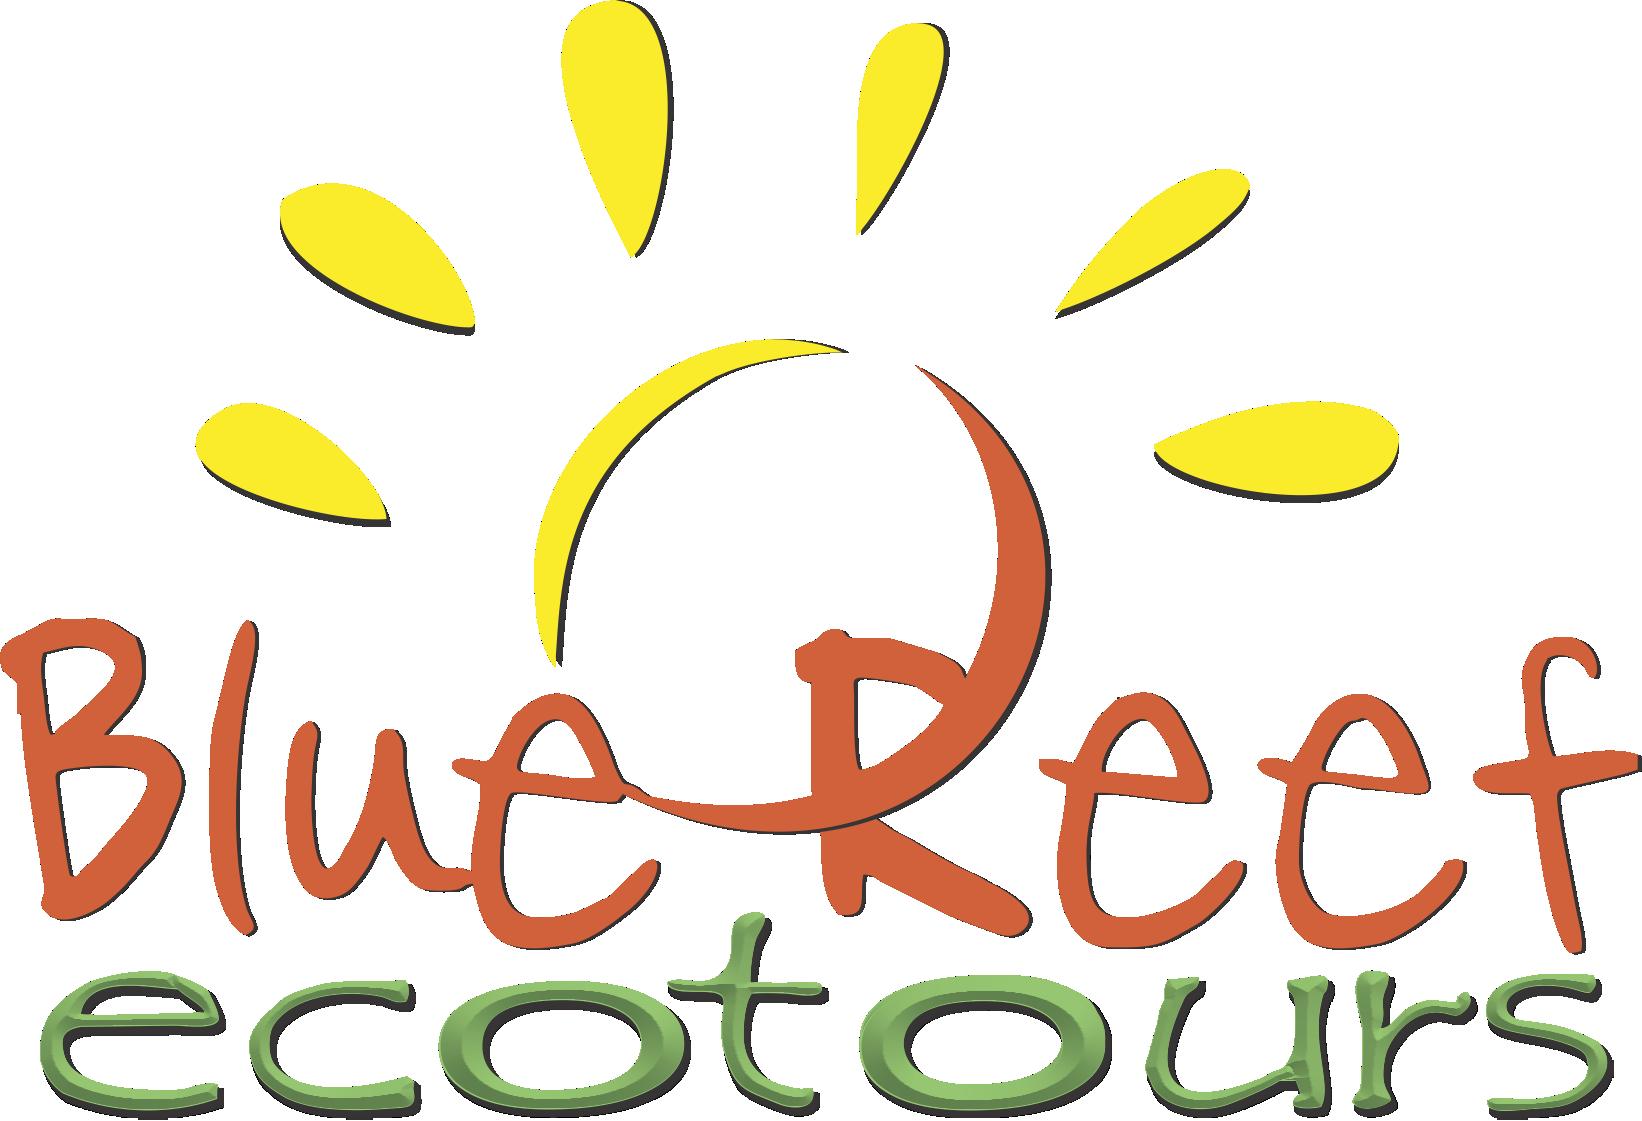 Bluereefecotours.com